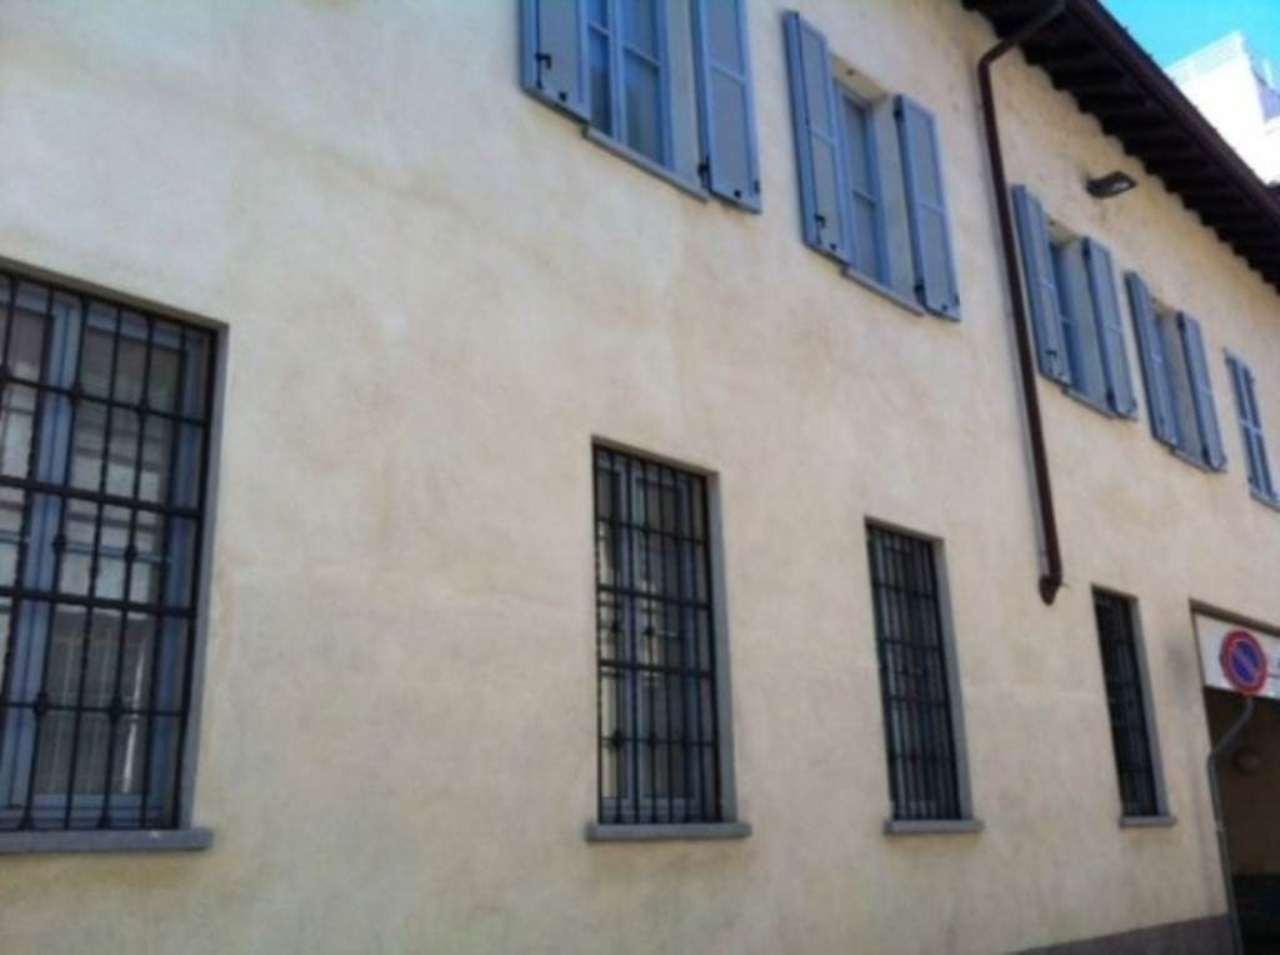 Attico / Mansarda in vendita a Gallarate, 3 locali, prezzo € 247.000 | Cambio Casa.it